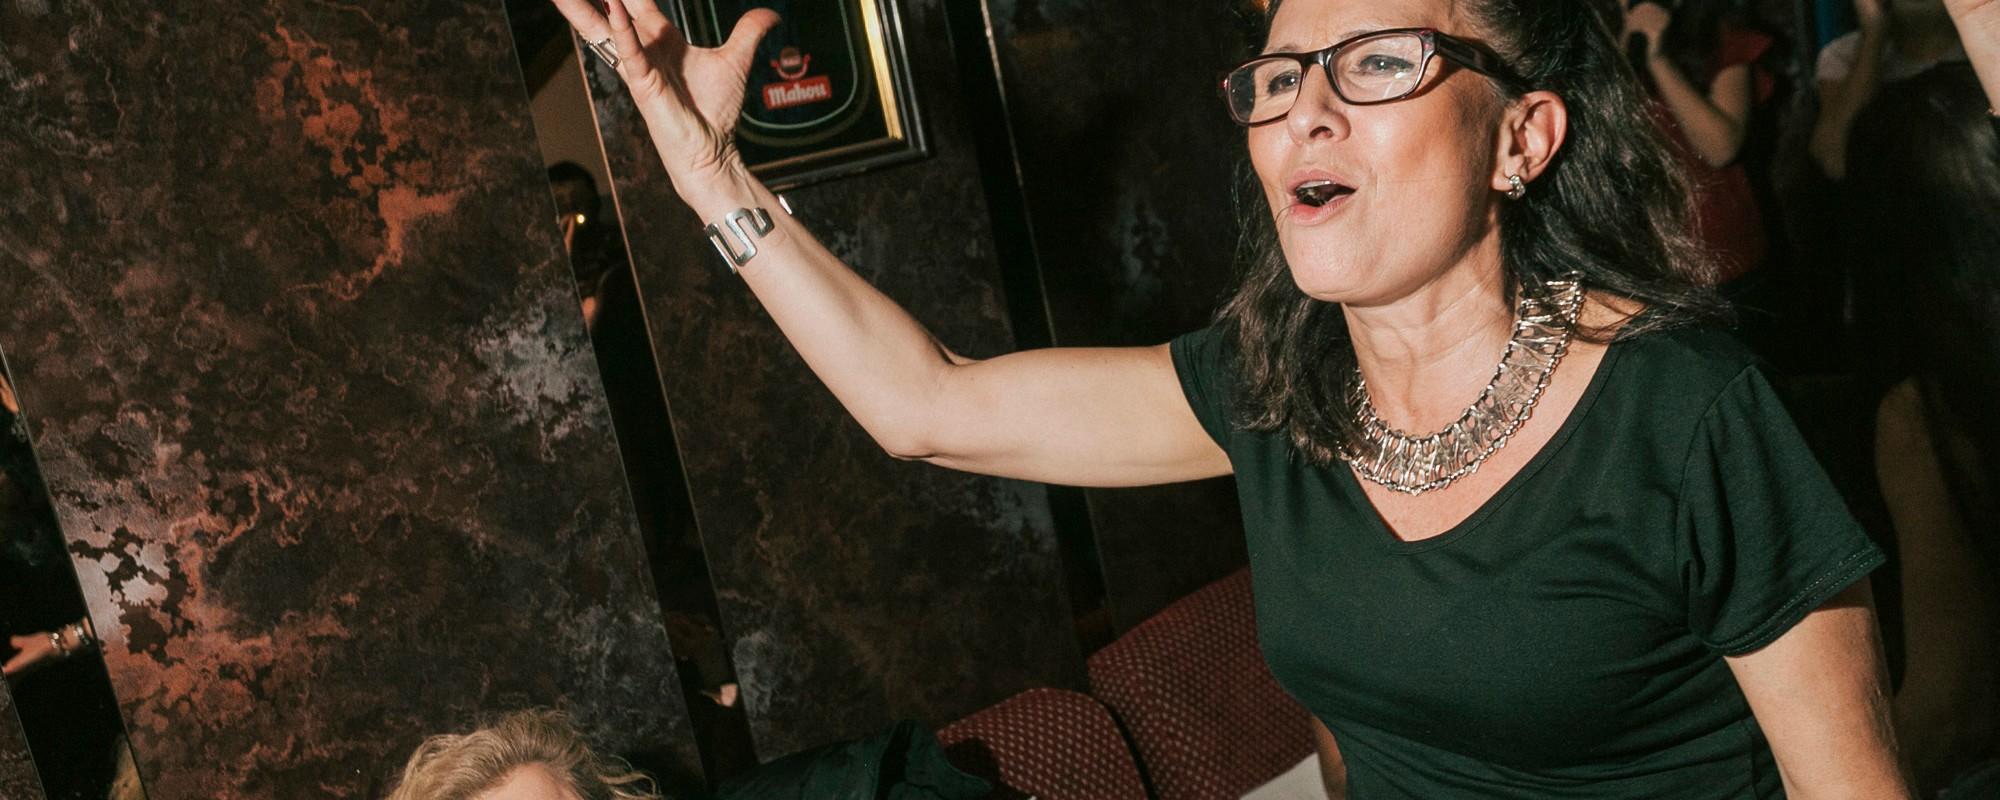 Cachondeo y sueños imposibles: así es la gente que canta en los karaokes de Madrid